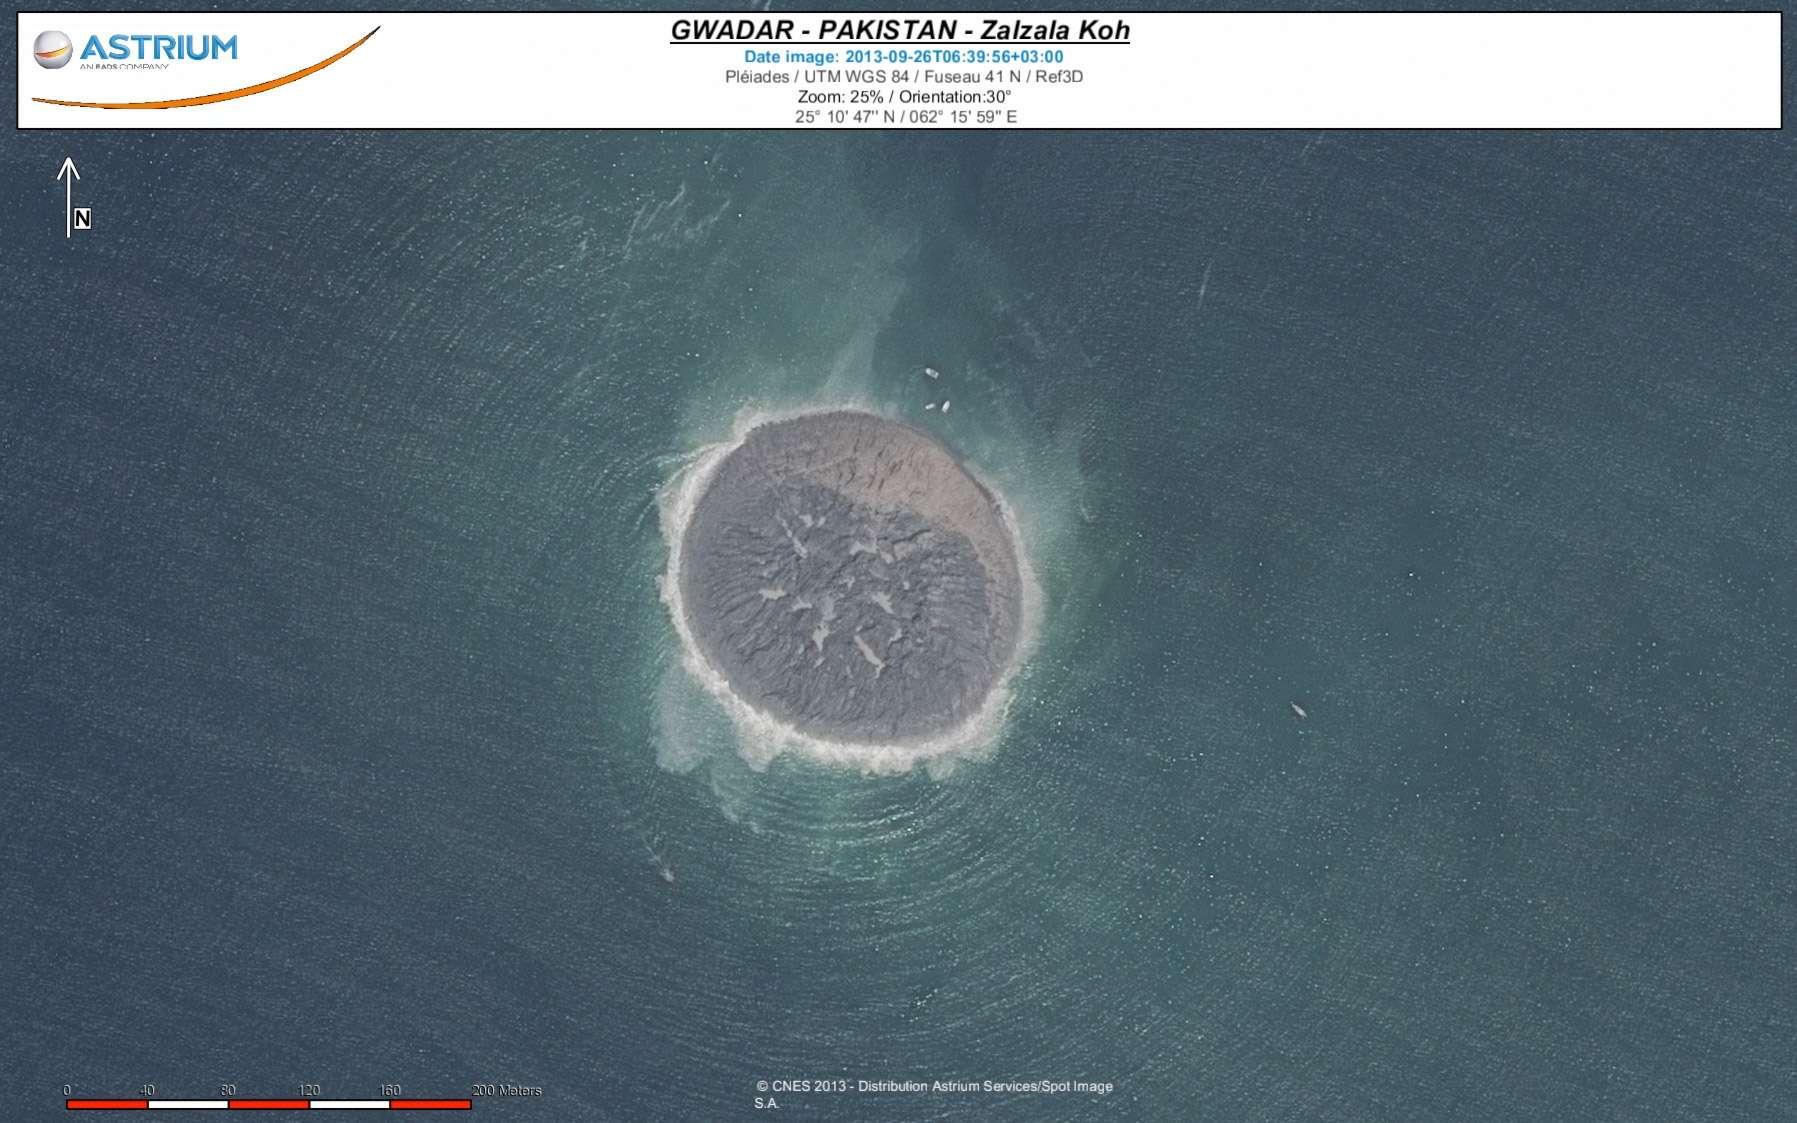 La photo de l'île la plus jeune au monde, acquise par la constellation Pléiades. © Cnes 2013, Astrium Services, Spot Image